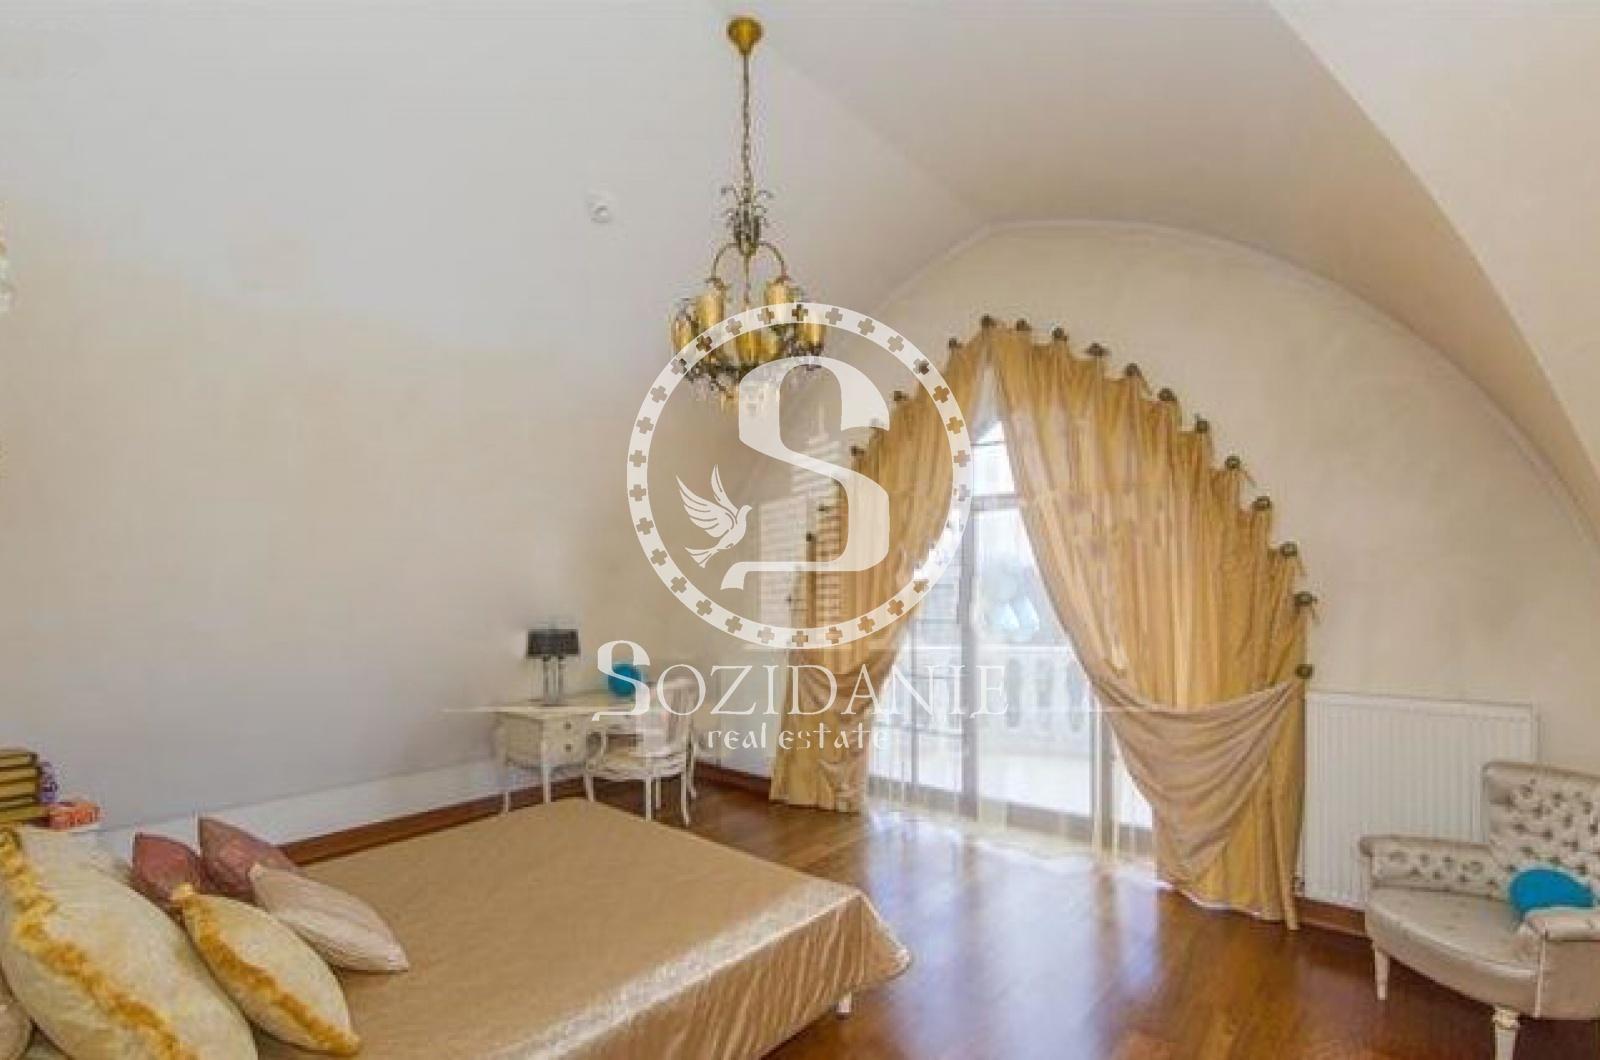 5 Bedrooms, Загородная, Продажа, Listing ID 1526, Московская область, Россия,